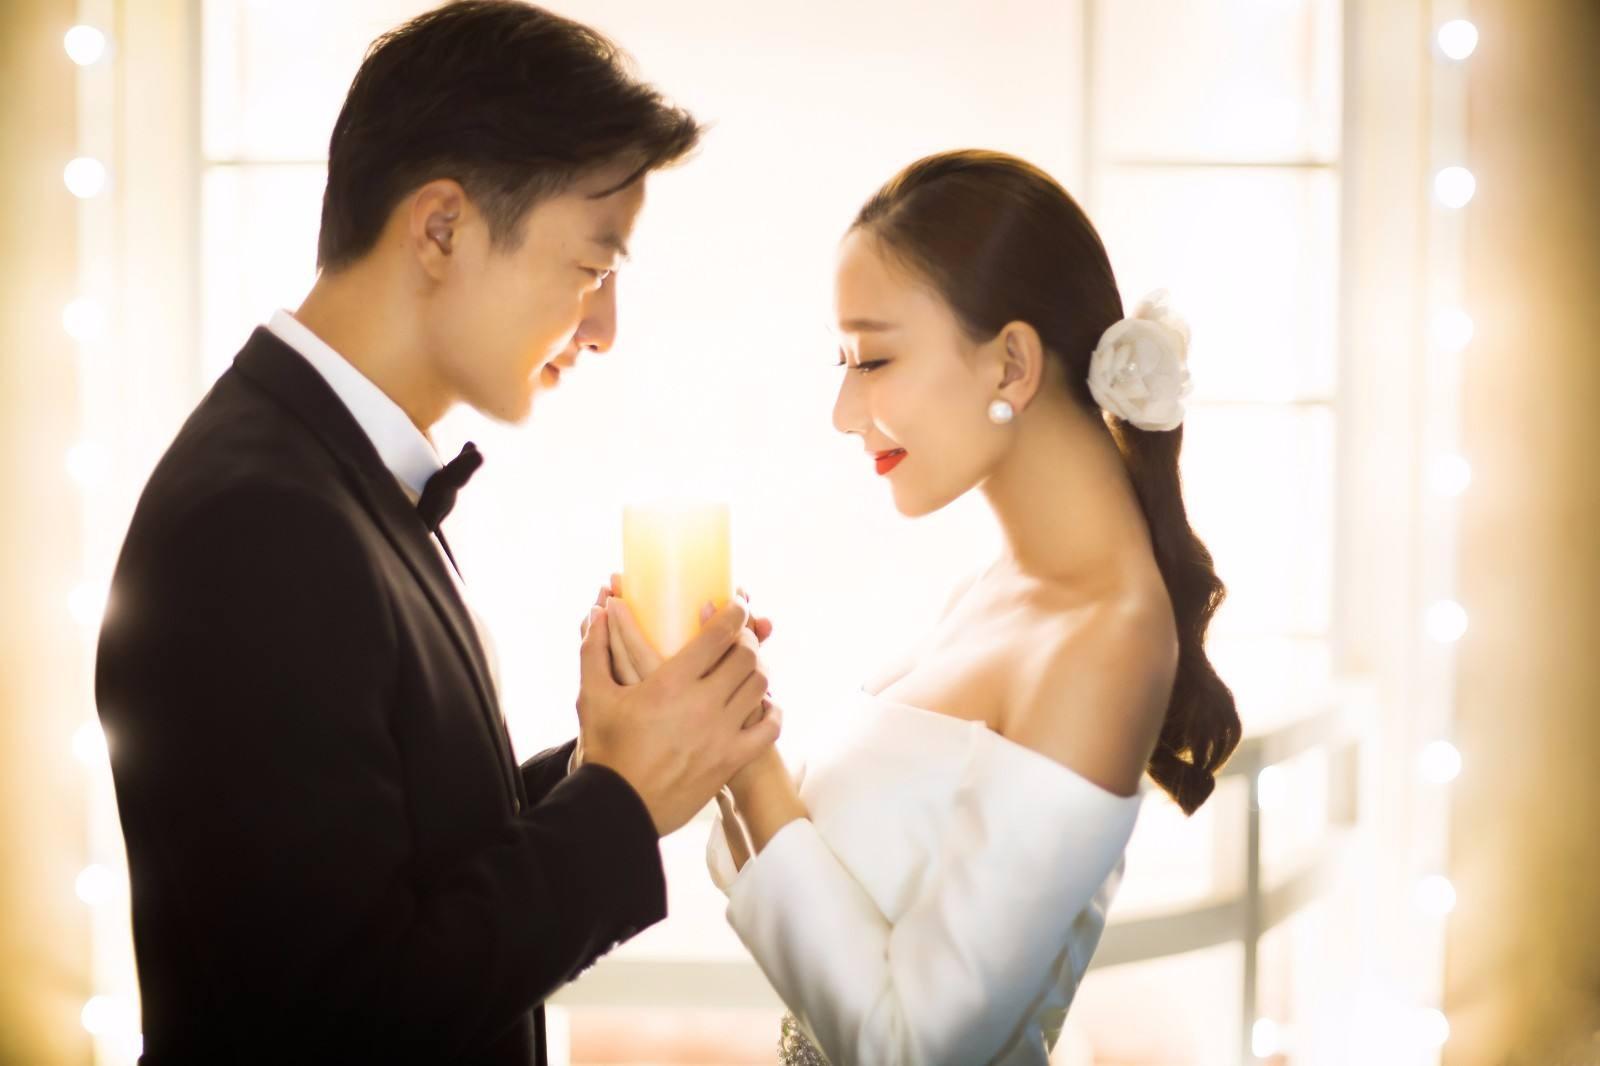 想结婚了解对方的什么方面才最靠谱?看看中外婚前十五问有什么差异吧!